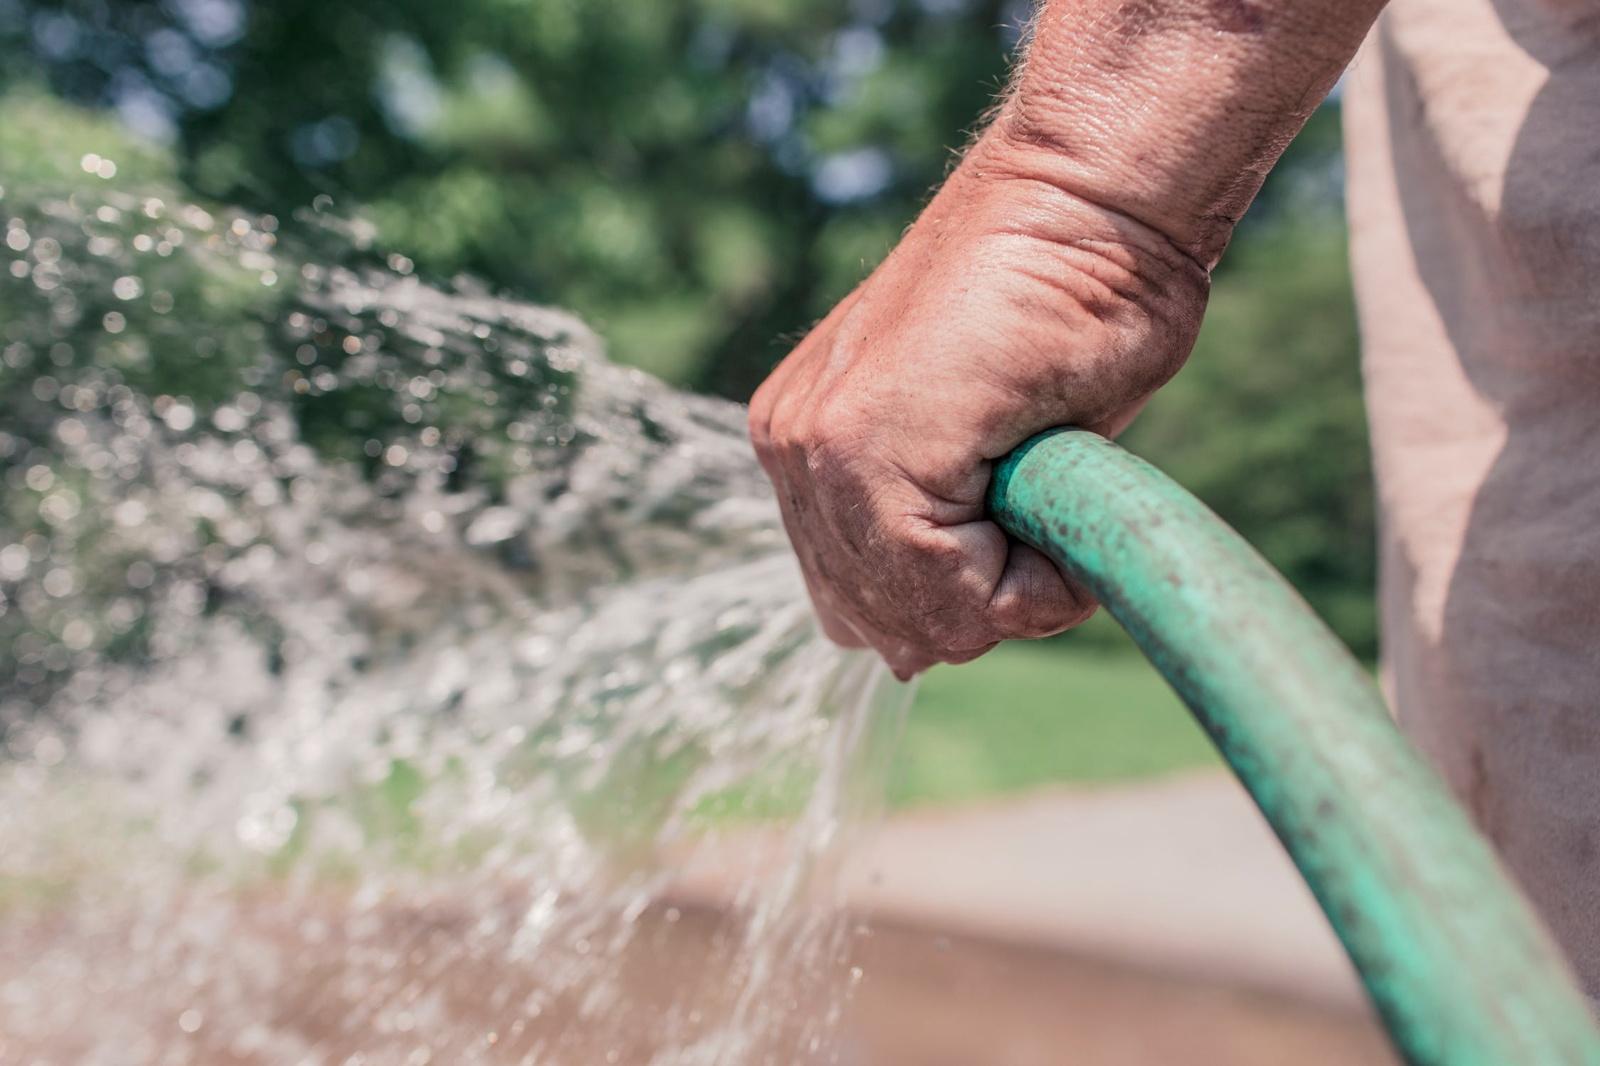 Per karščius išaugus vandens suvartojimui, prašoma laistymui jį naudoti atsakingai